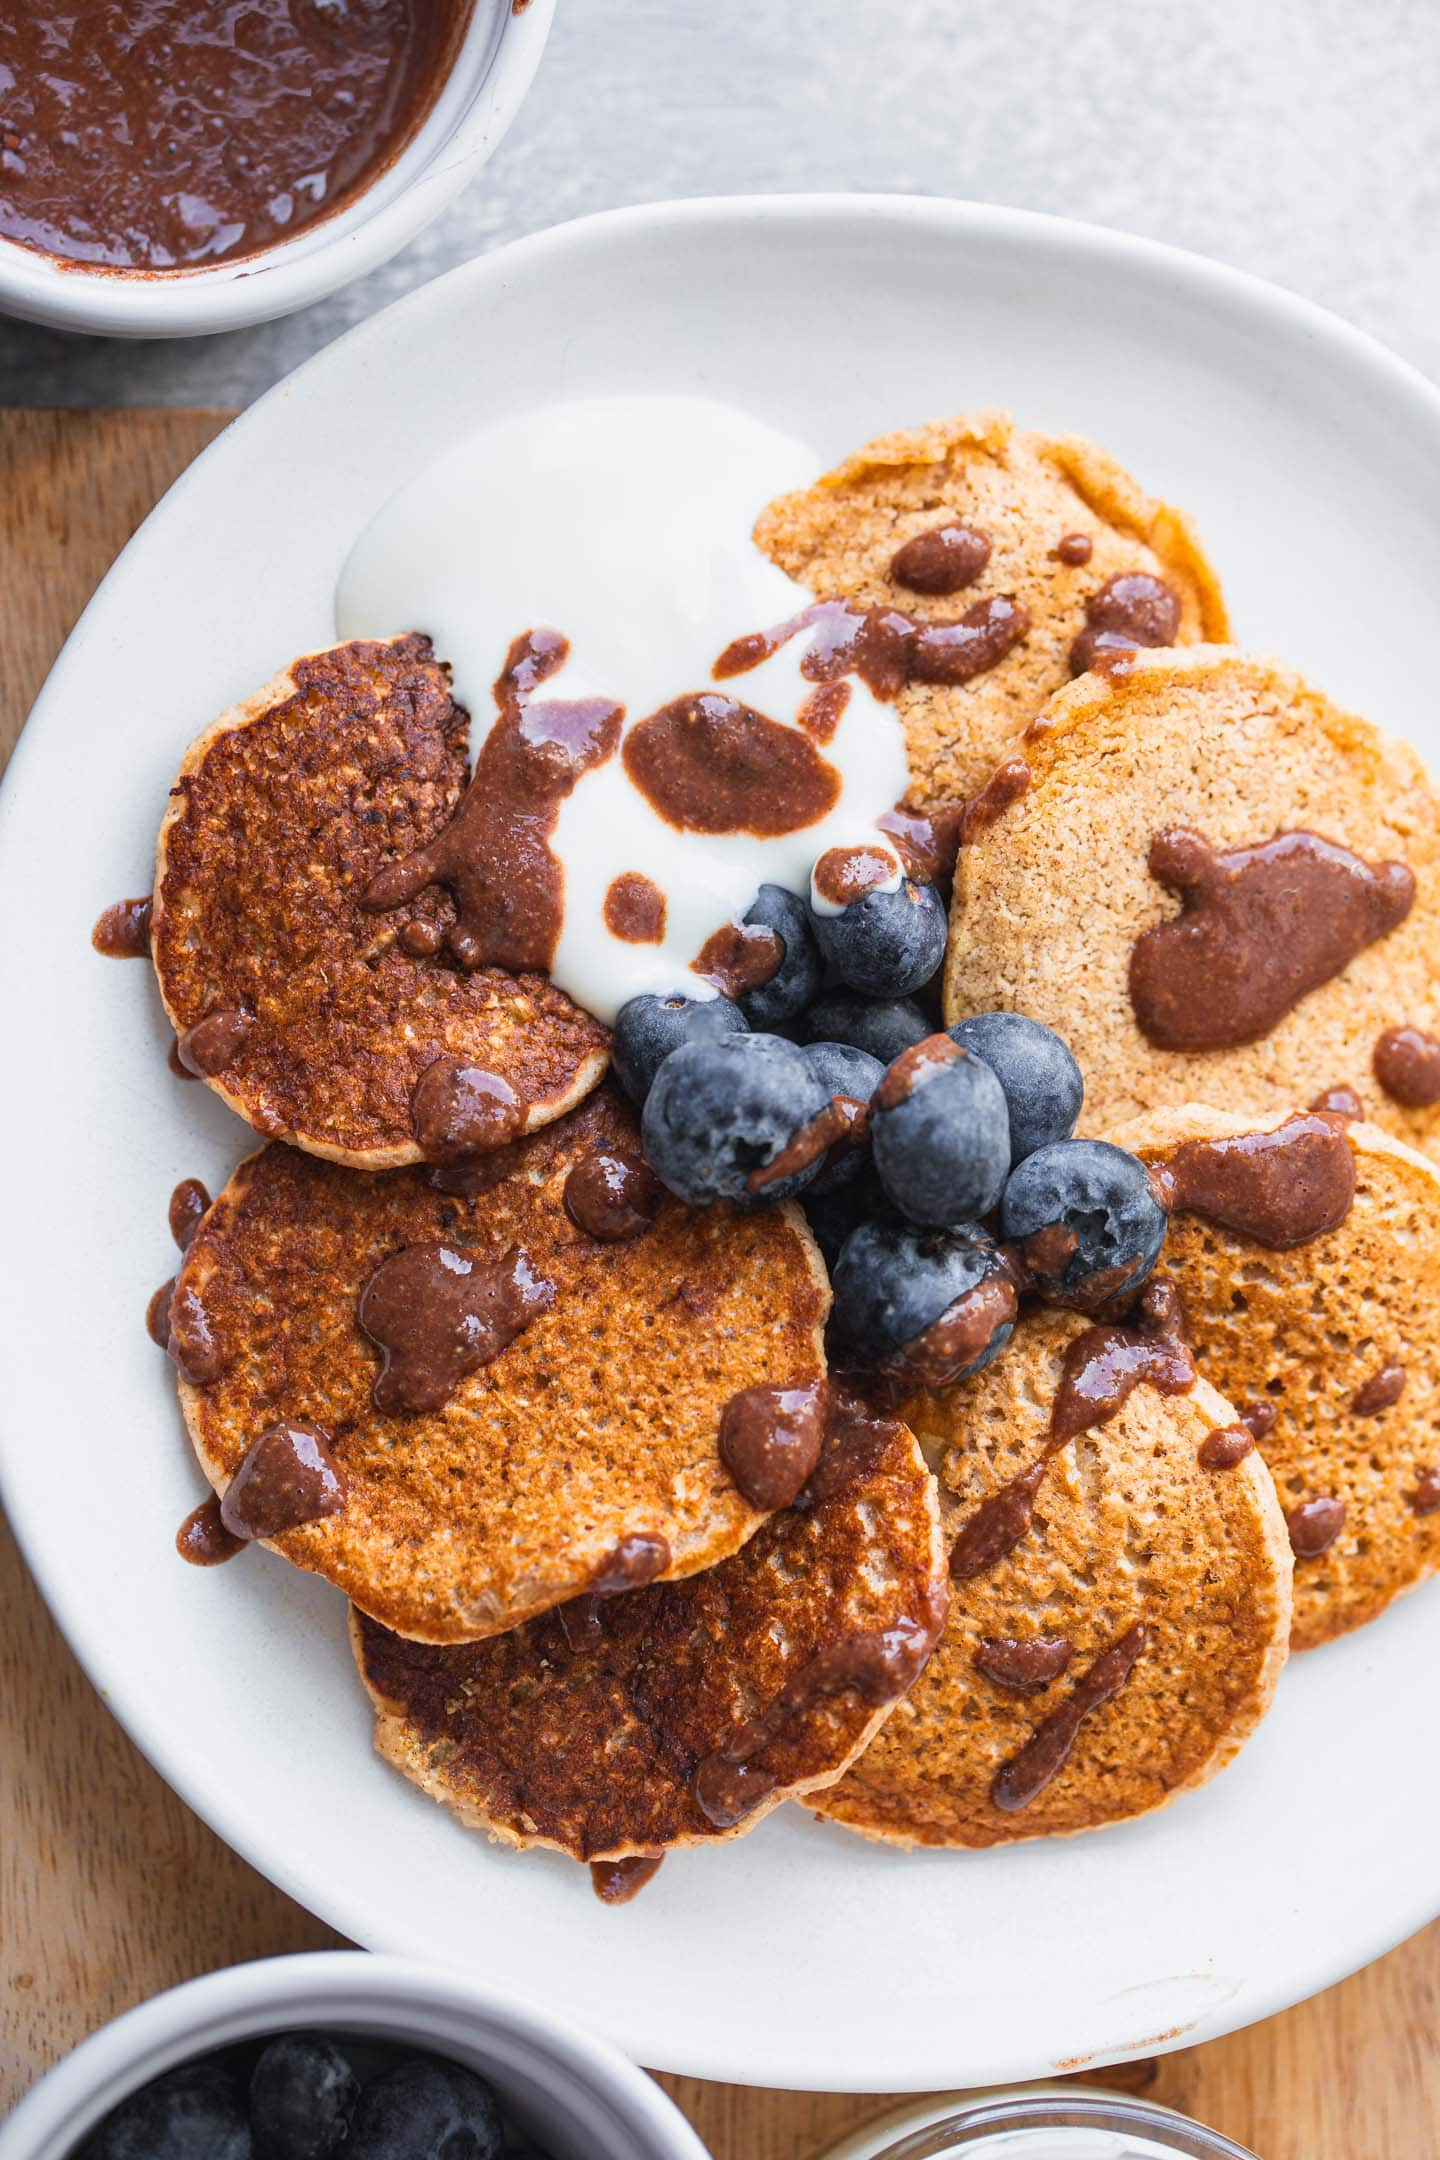 Vegan cinnamon pancakes with chocolate sauce